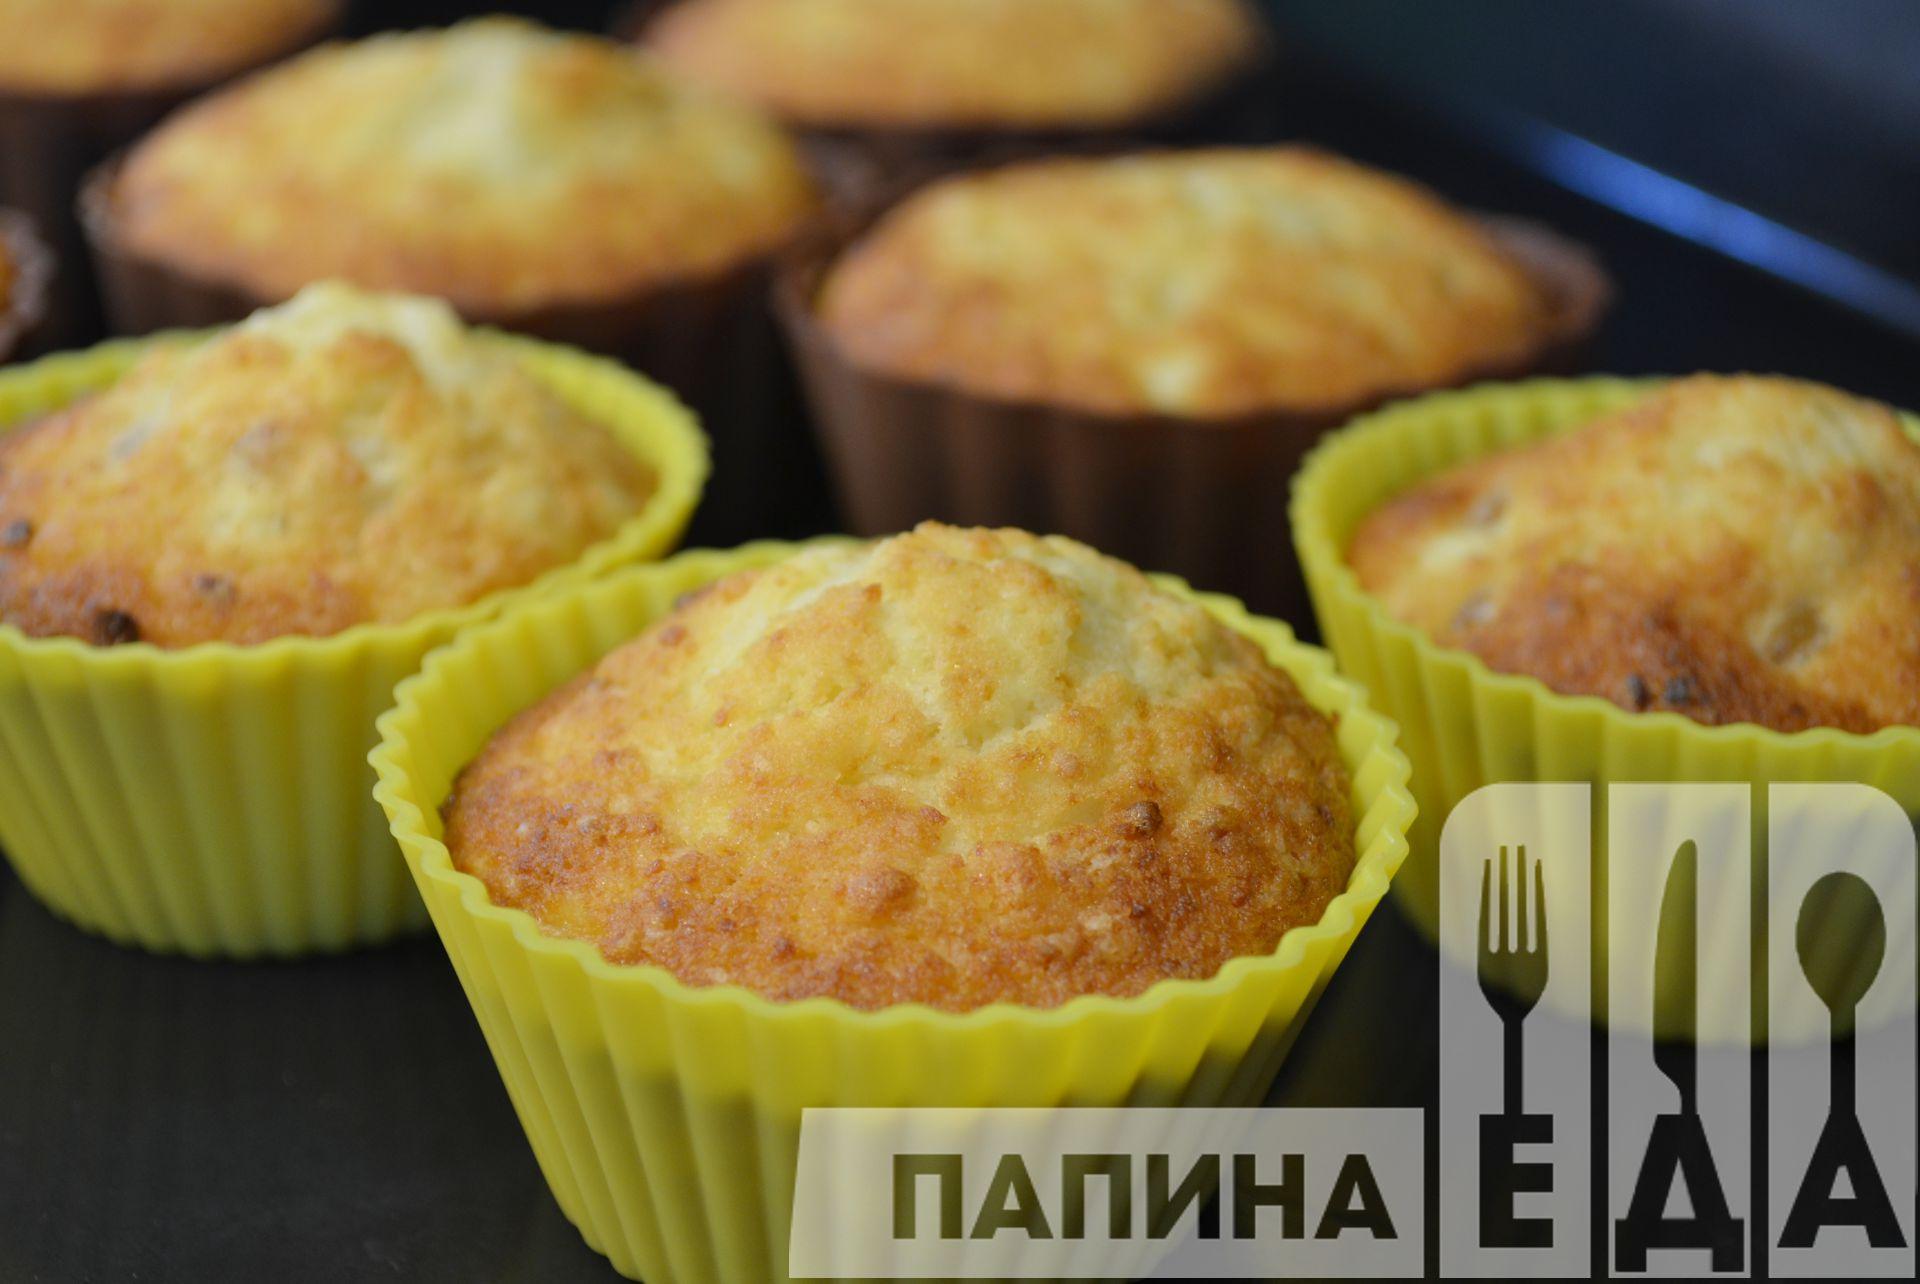 Мягкие пироги с вареньем и рецептами